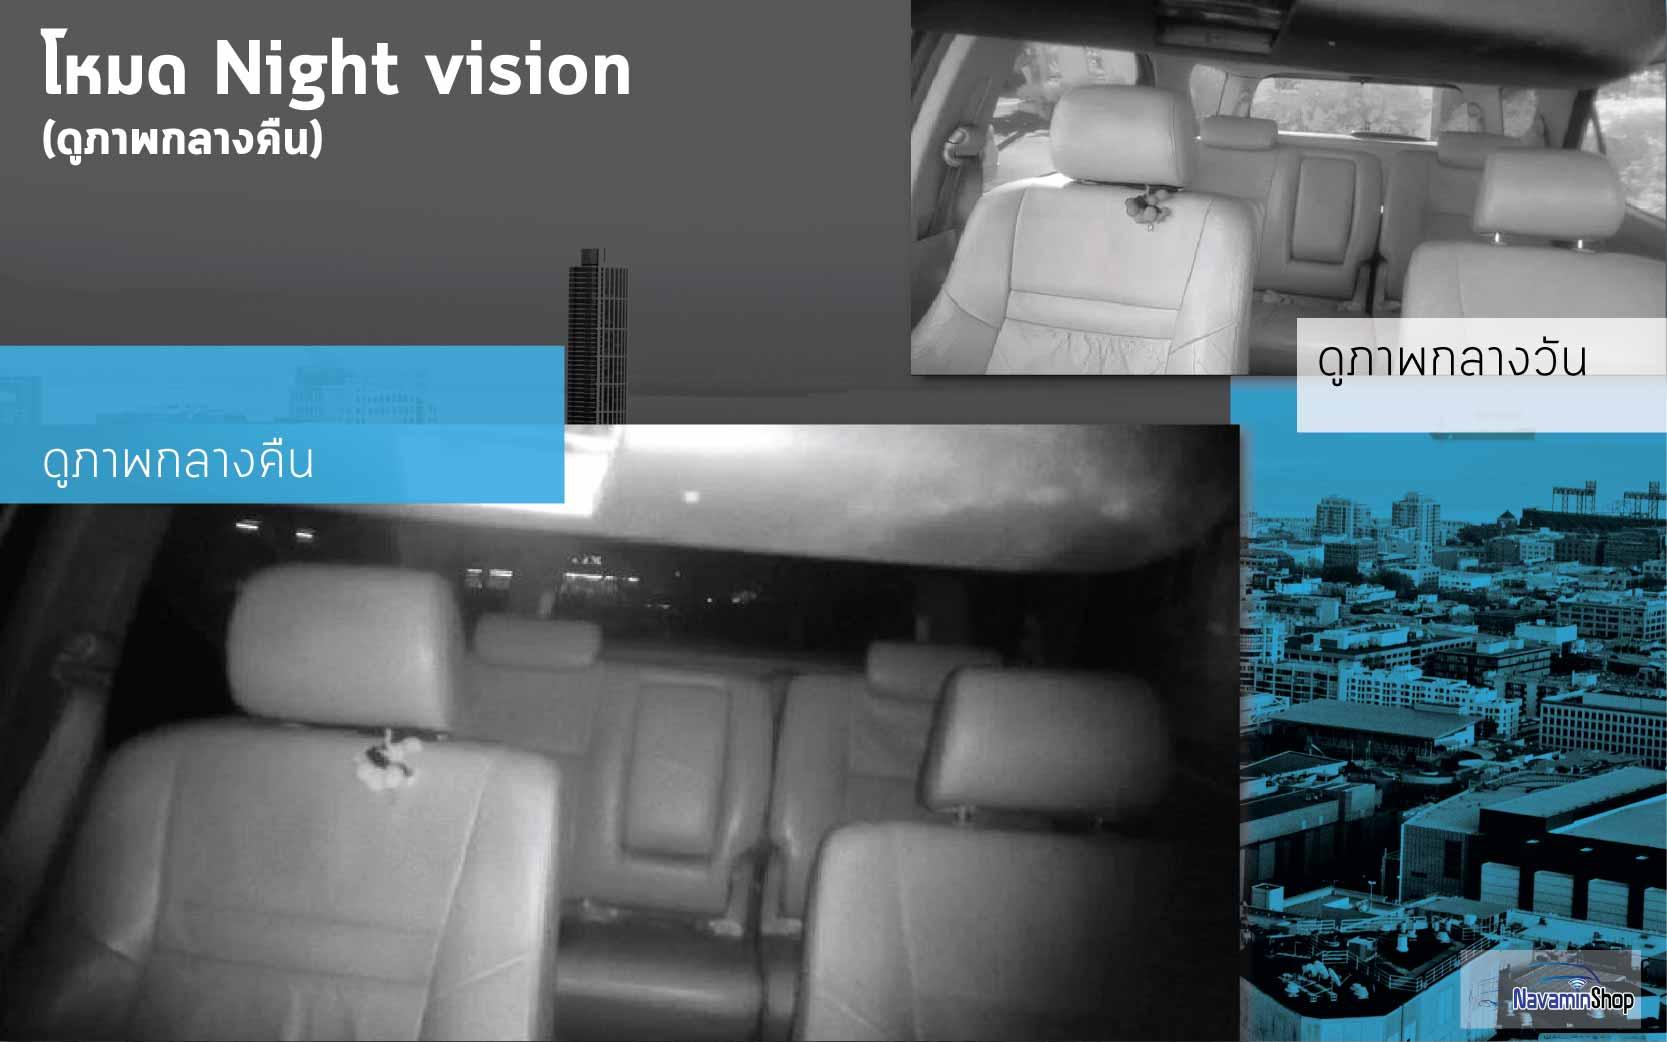 ภ่ายถ่ายจากกล้องติดรยนต์3G TRACKER CCTV คุณภาพระดับFull HD มีโหมดNight Vision เพี่อดูภาพหรือวีดีโอในสภาวะแสงน้อง ทำให้มองเห็นชัดเปเจน